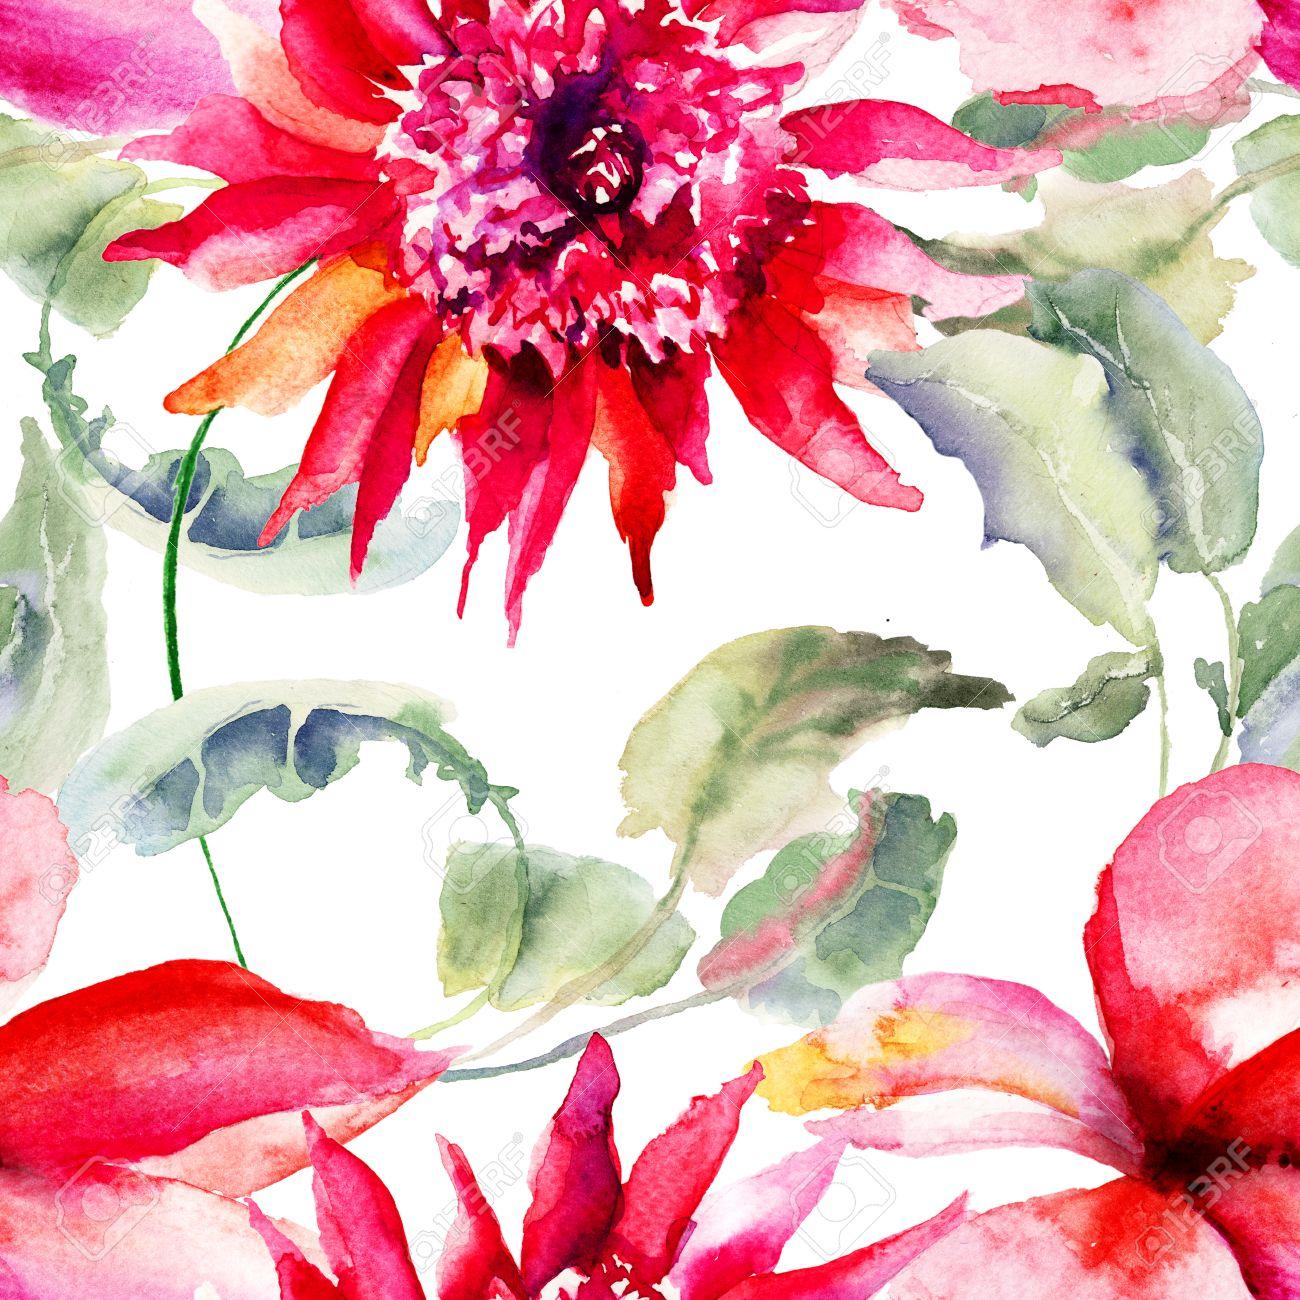 Fonds D Ecran Transparente Avec Belle Fleur Rose Peinture Aquarelle